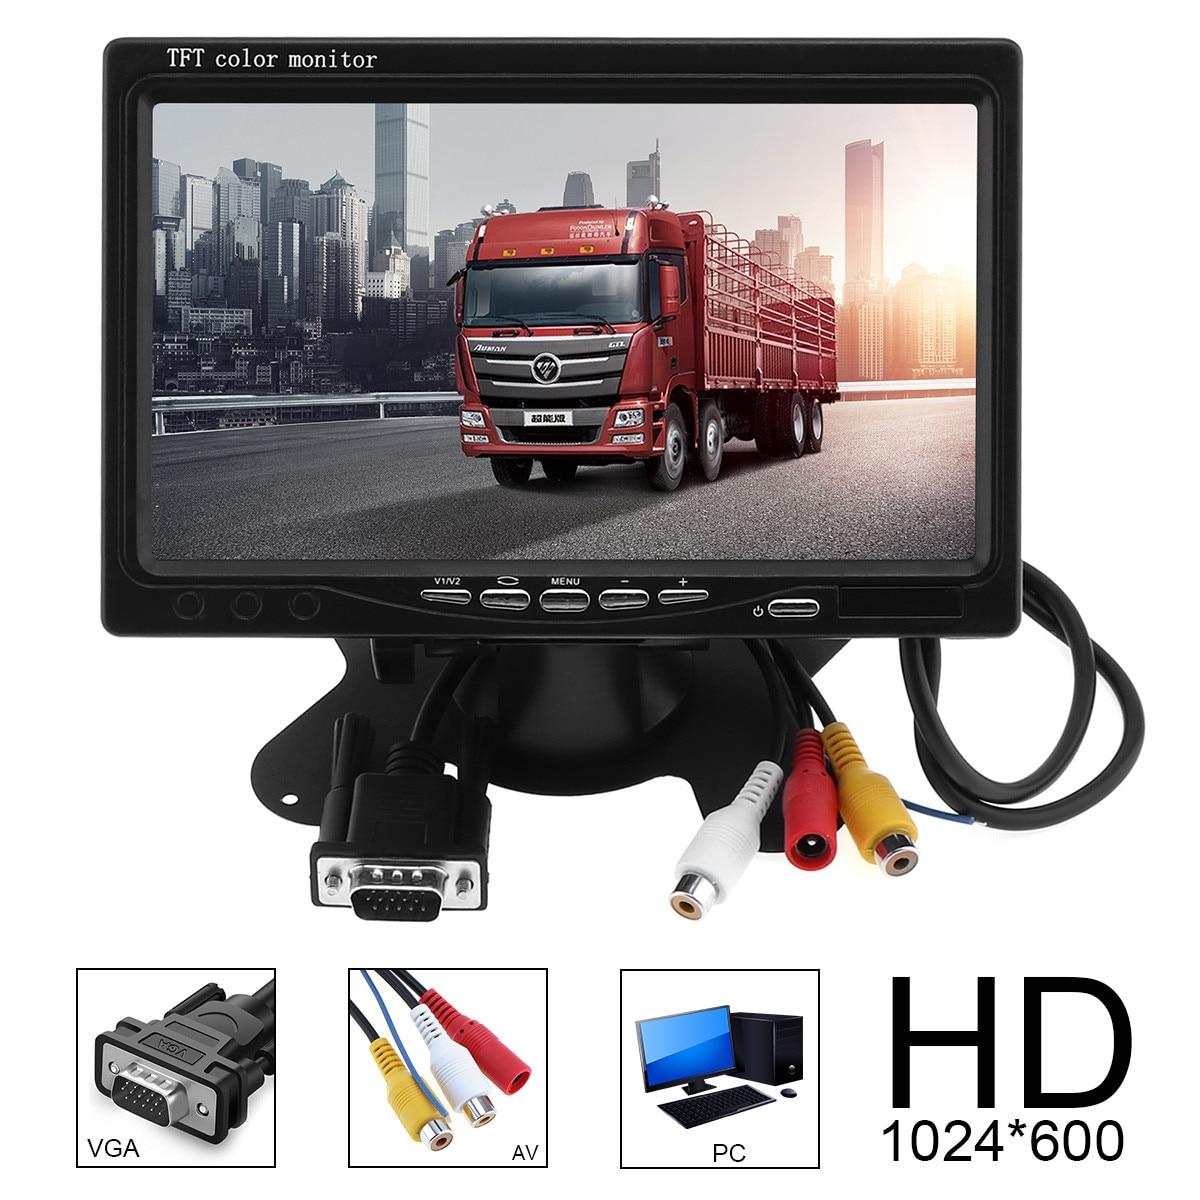 1024x600 7 pouce Maison De Voiture Moniteur Multifonction Lumineuse Couleur VGA Interface TFT LCD AV Revers Rétroviseur Moniteur